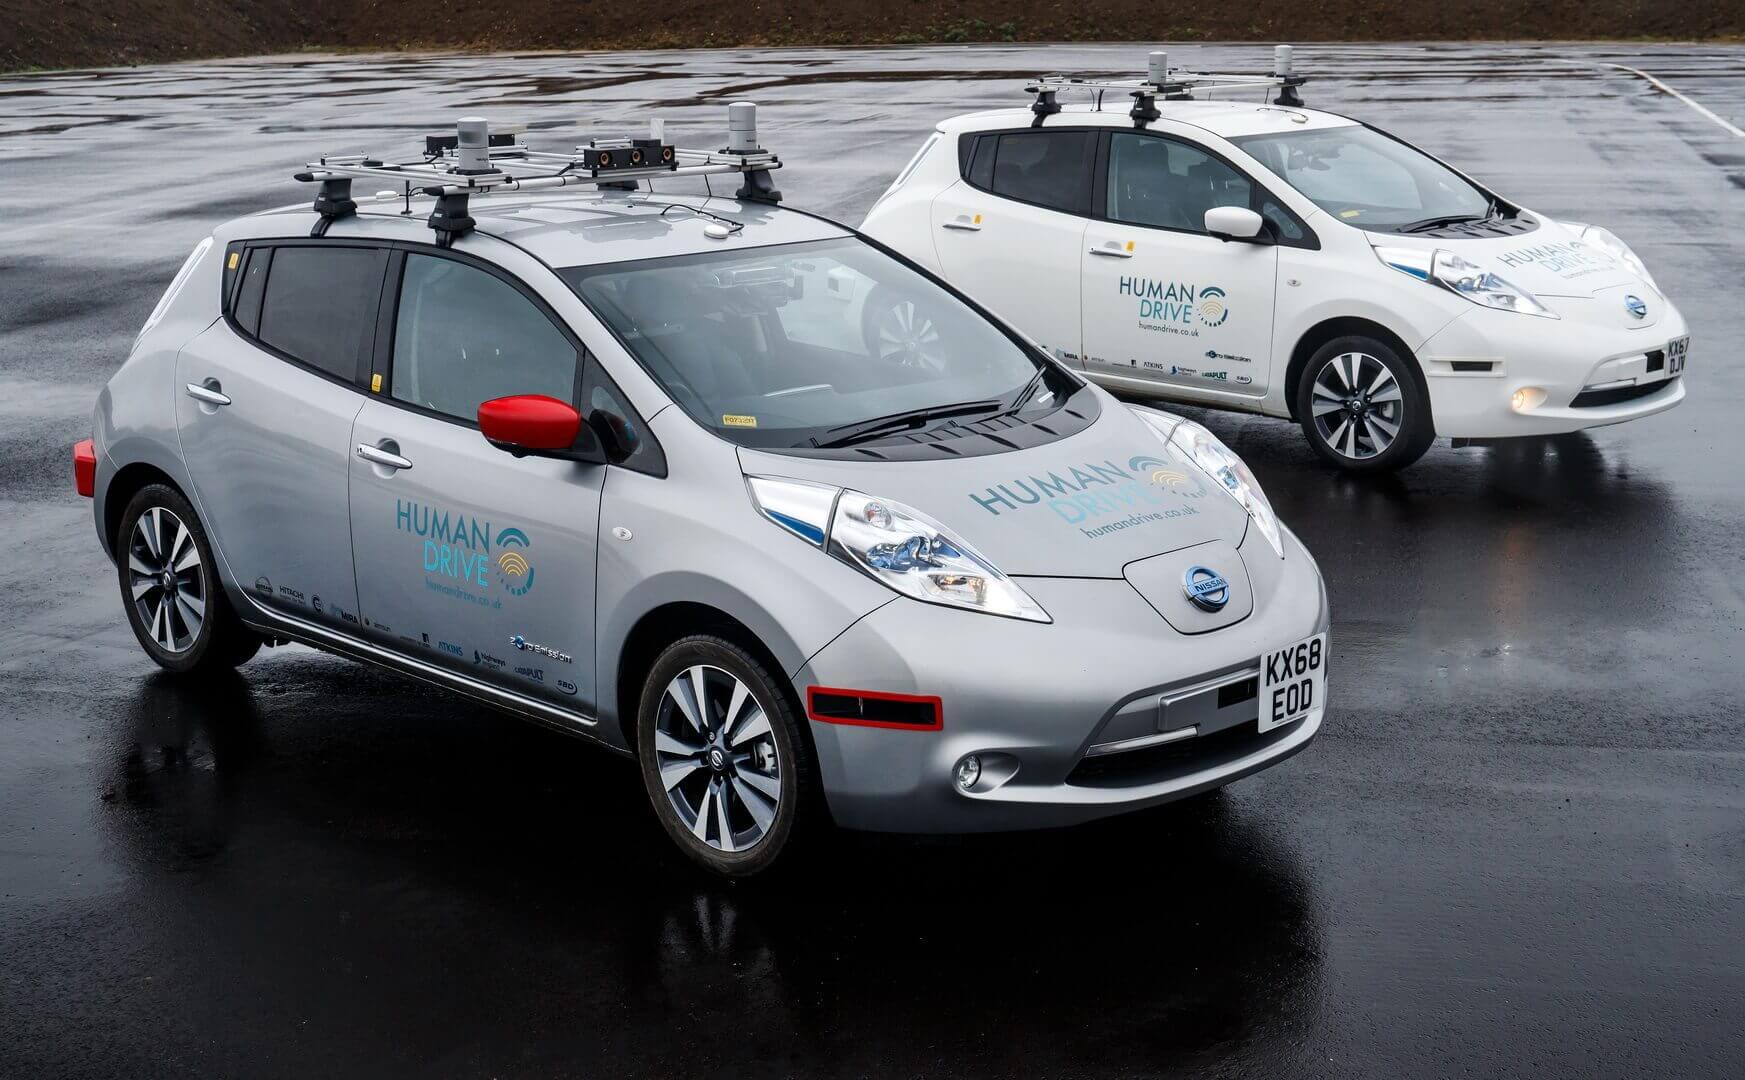 Nissan Leaf совершил 370-километровое автономное путешествие по Великобритании